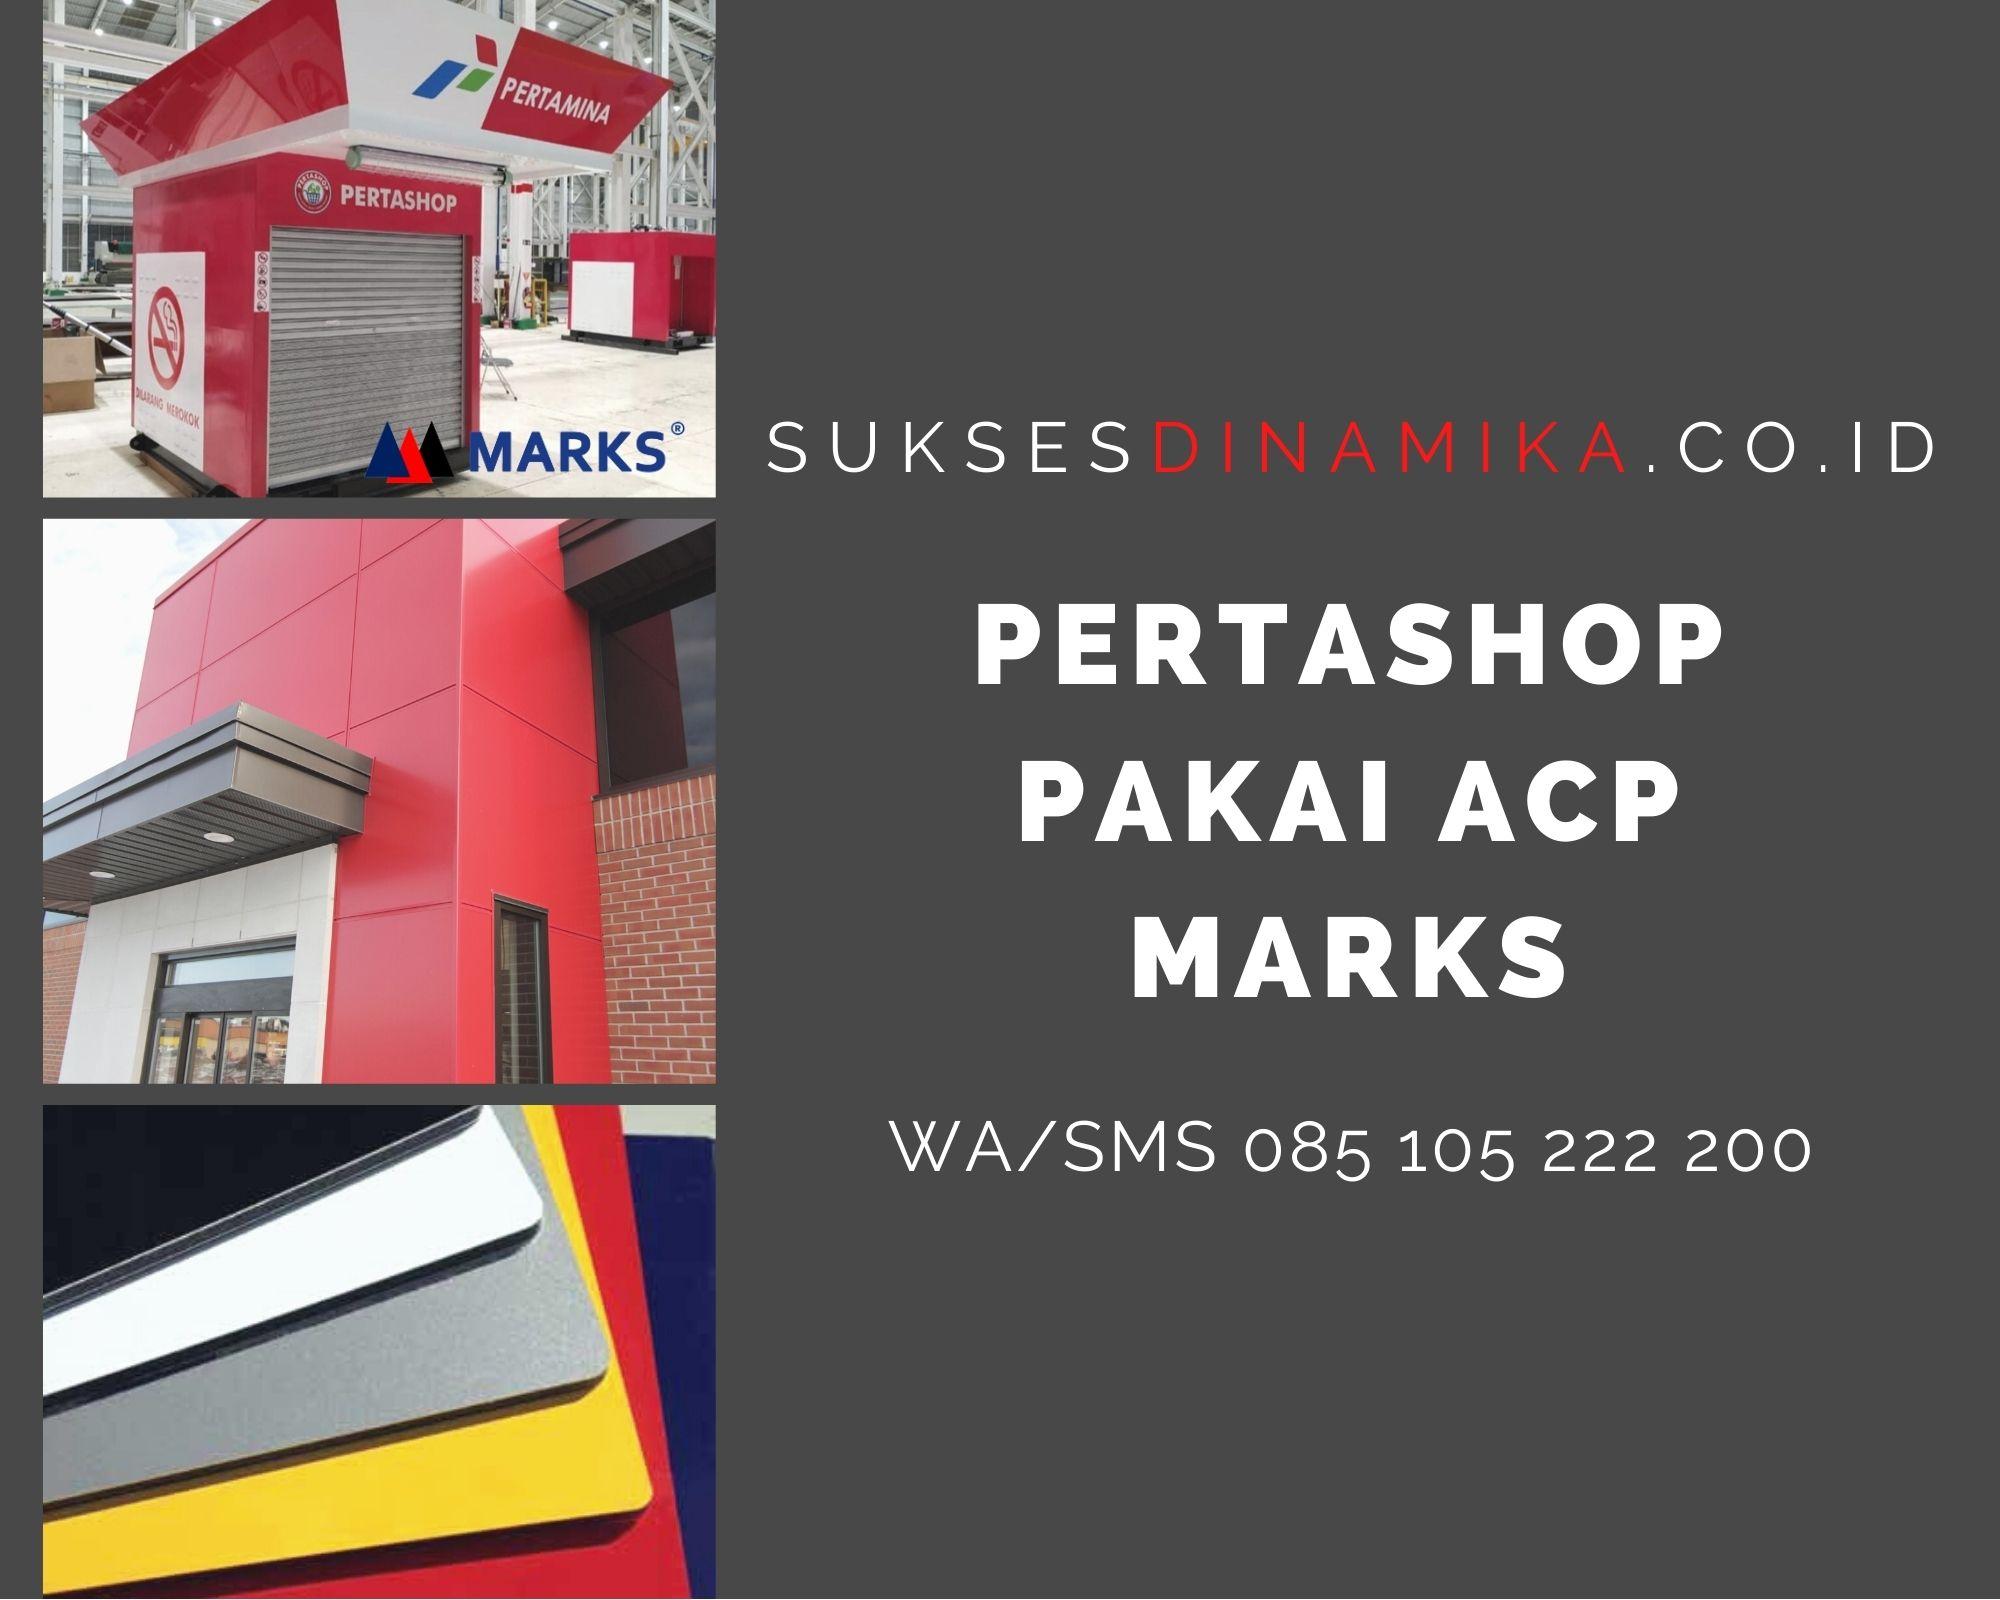 Jual ACP Marks Kota Mataram Nusa Tenggara Barat,acp seven marks